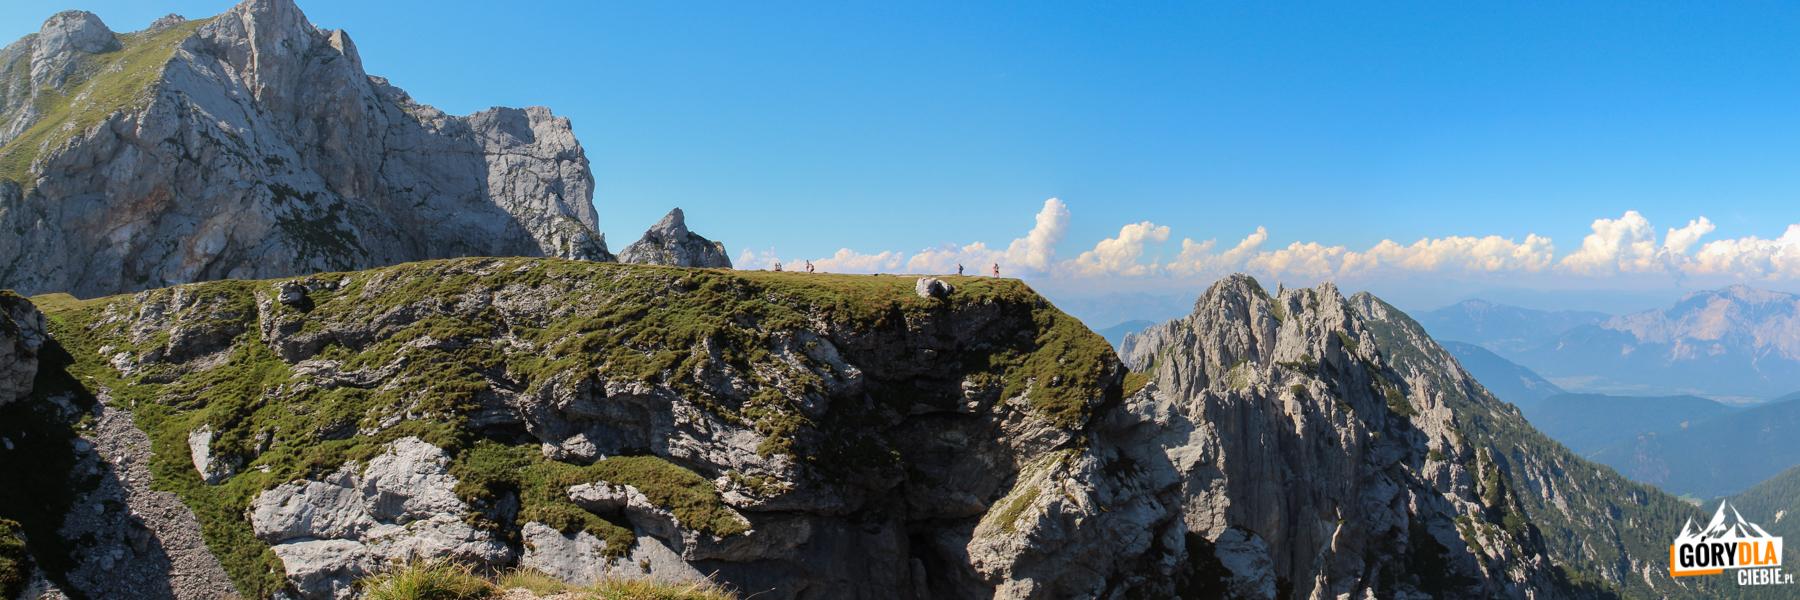 Trawiasta platforma na Mangartskiej Przełęczy (2055 m)